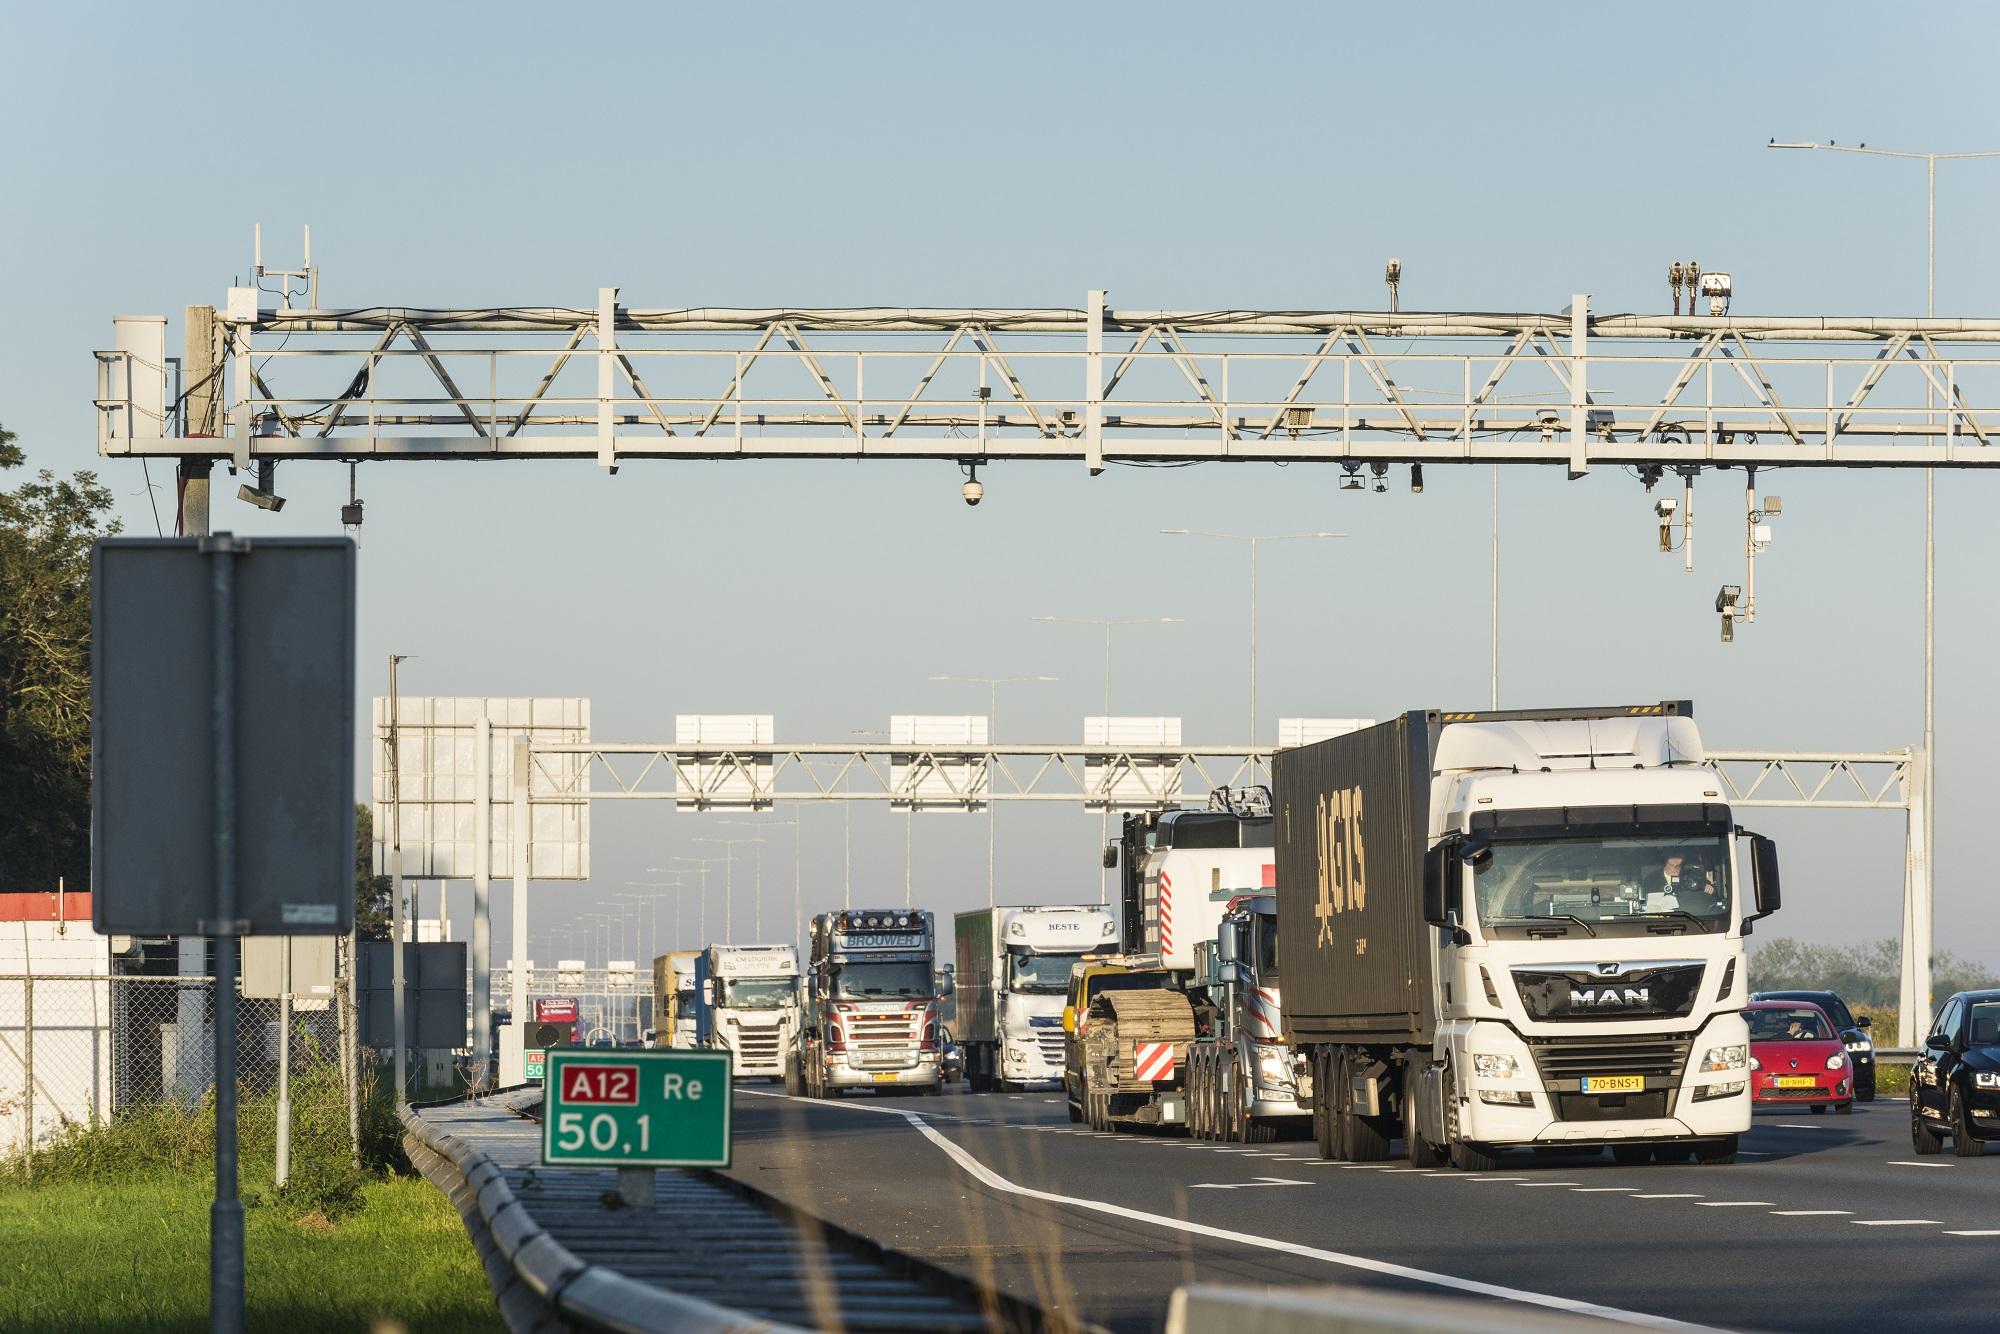 Lezárnak egy fontos autópályát Hollandiában. Komolyan megnehezíti a közlekedést az ország jelentős részében